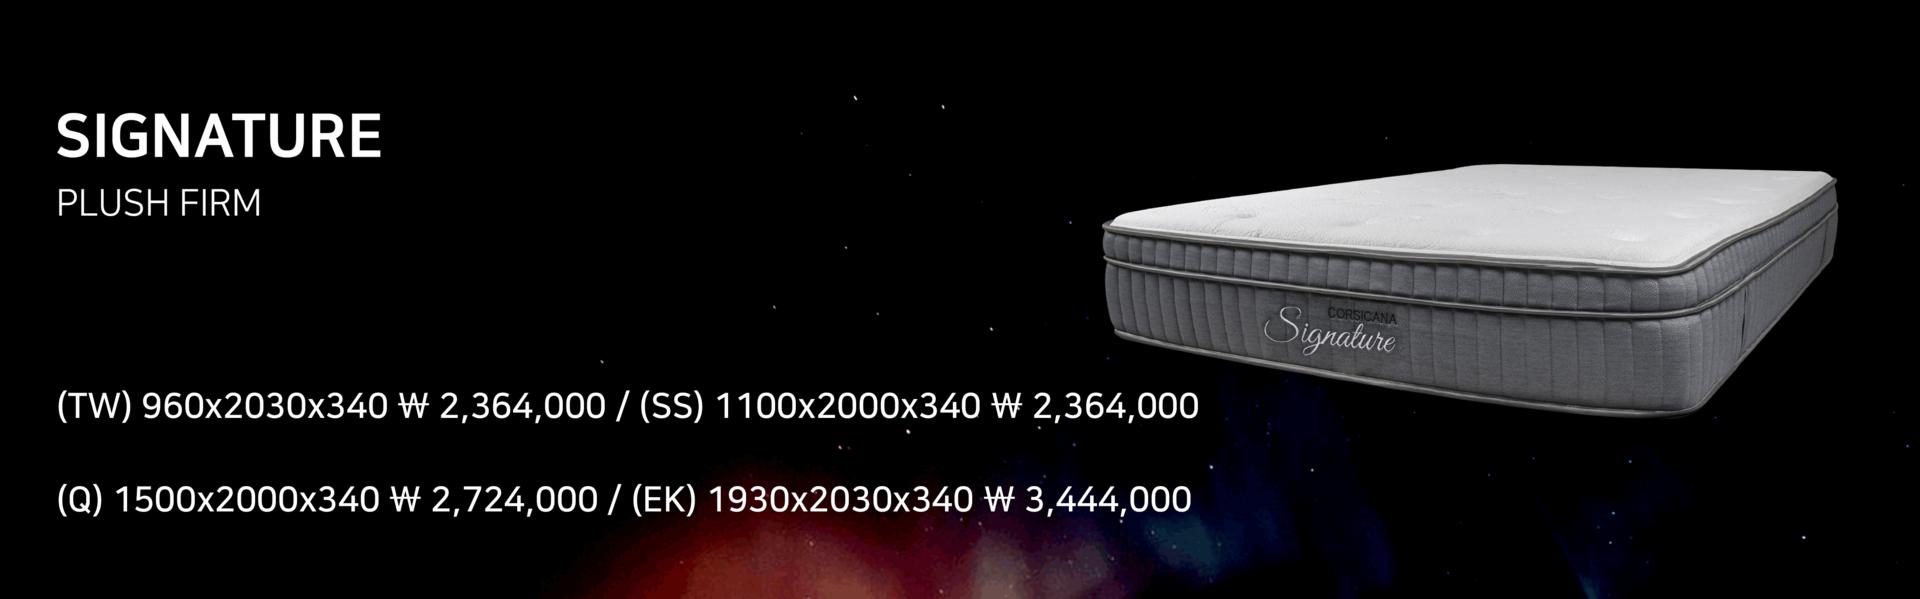 """<FONT SIZE=""""3PX""""><B>SIGNATURE</B></FONT><BR> <FONT SIZE=""""1PX"""">PLUSH FIRM</FONT><BR><BR><font size=""""1px"""">(TW)960x2030x340 ₩2,364,000 / (SS)1100x2000x340 ₩2,364,000</font><BR><font size=""""1px"""">(Q)1500x2000x340 ₩2,724,000 / (EK)1930x2030x340 ₩3,444,000</font>"""